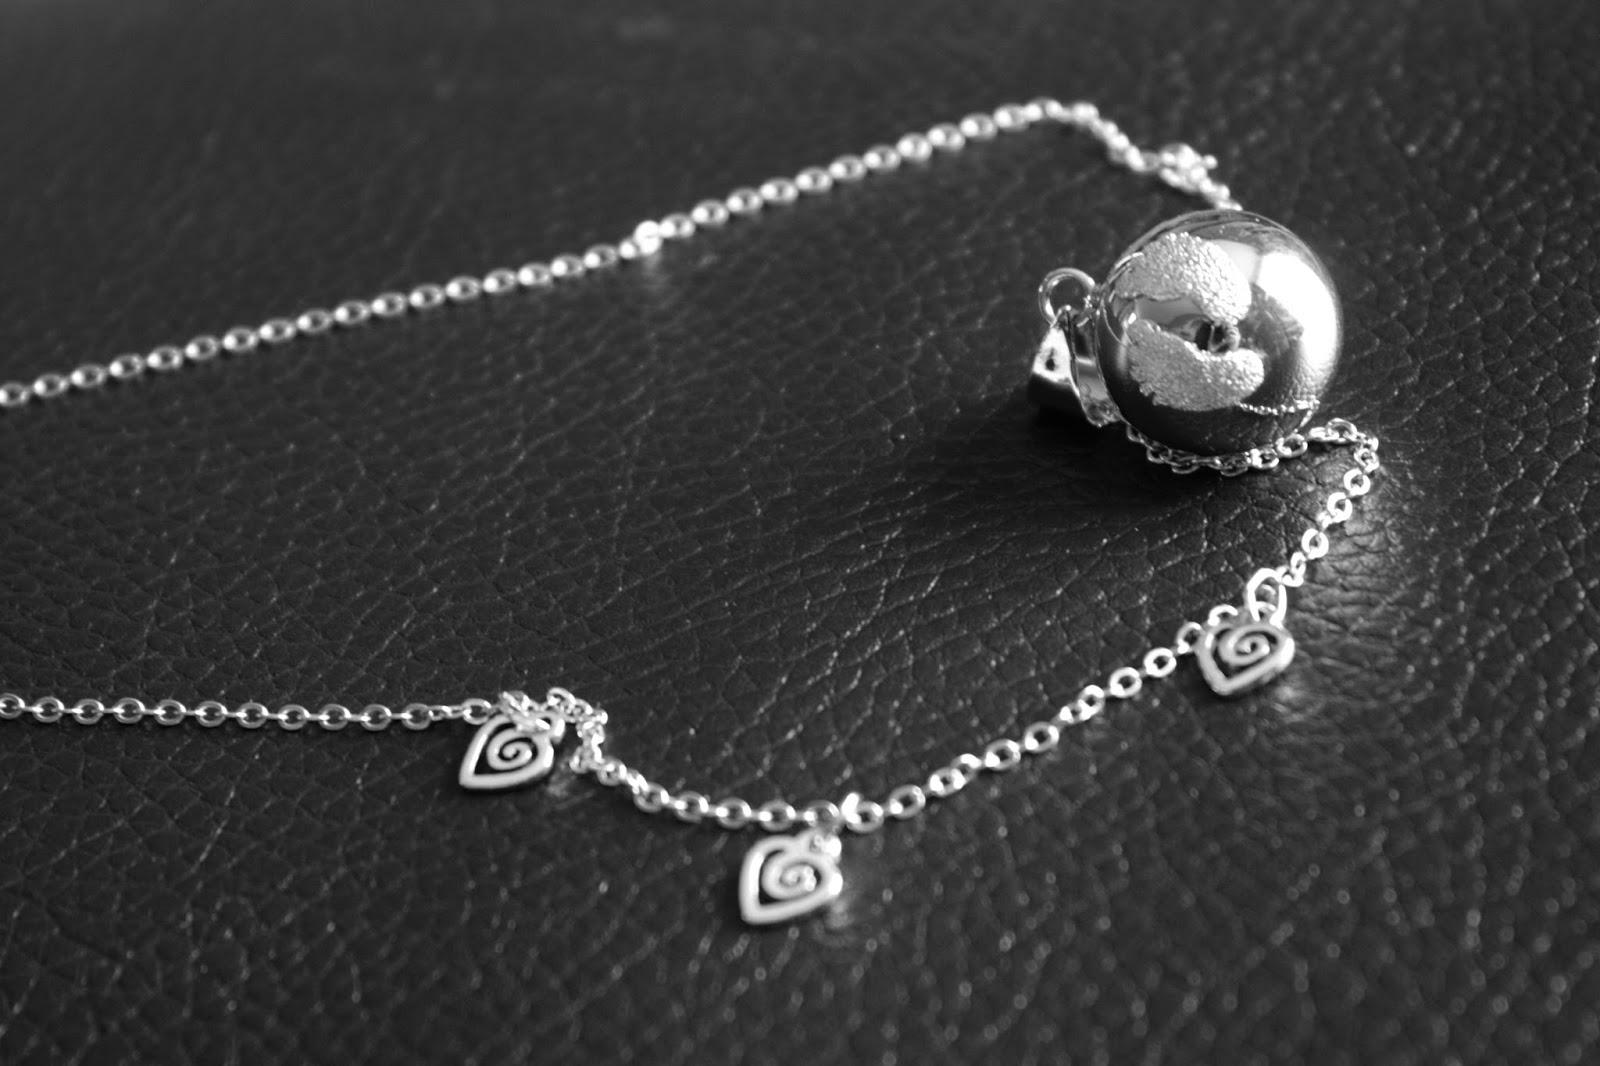 Nous les nanas blog mode beaut mon bola mon beau bijou de grossesse - Quand porter un bola de grossesse ...